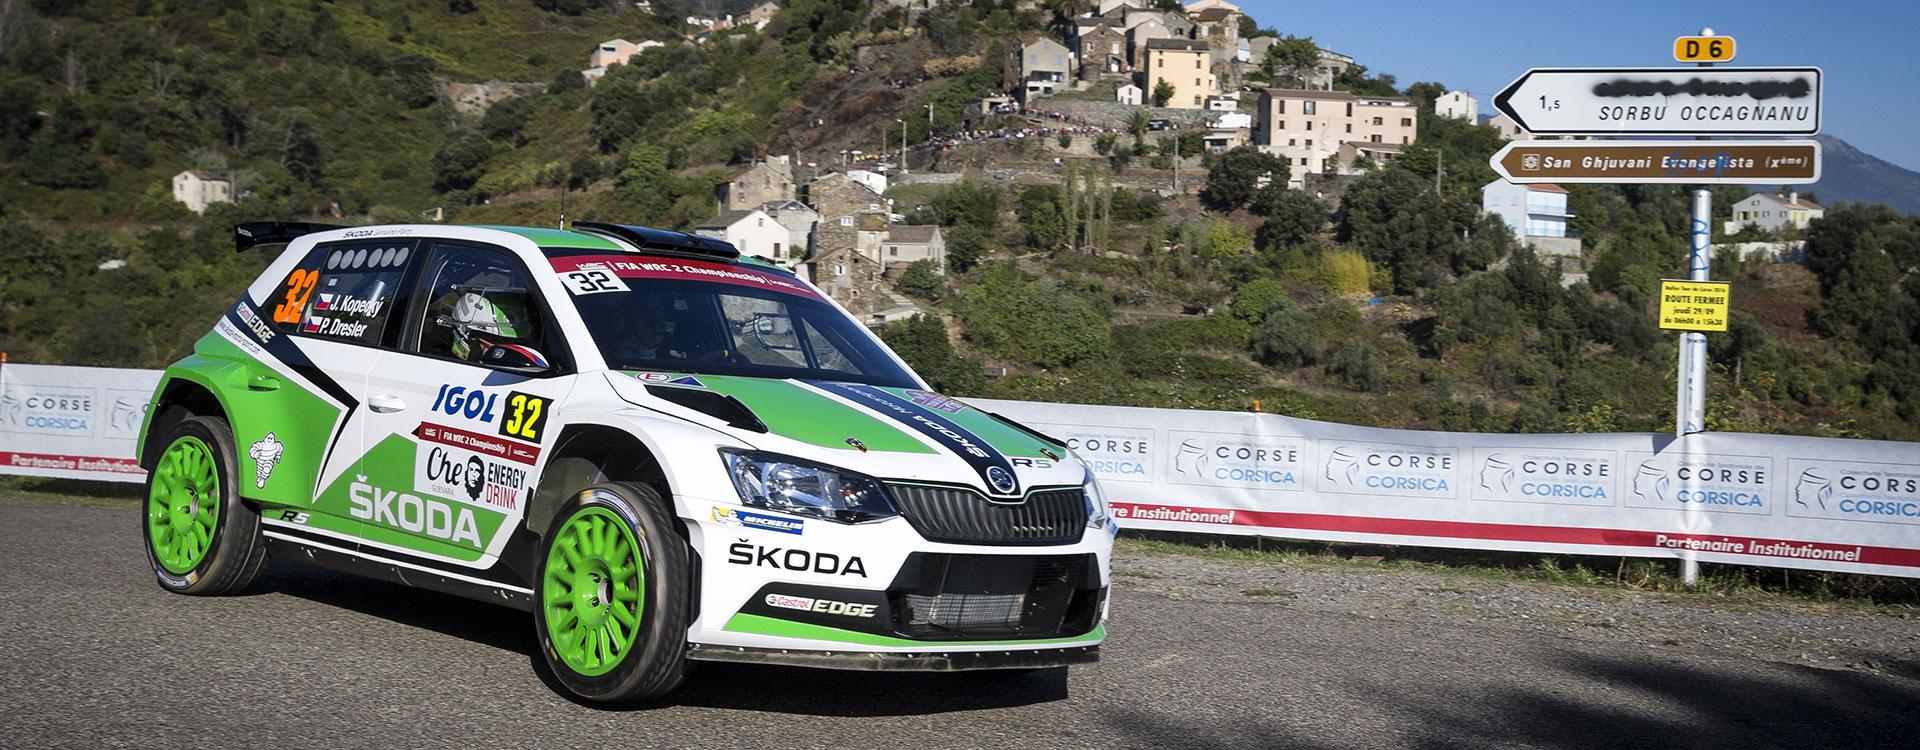 PHOTO: ŠKODA Motorsport at the Rallye de France – Tour de Corse 2016